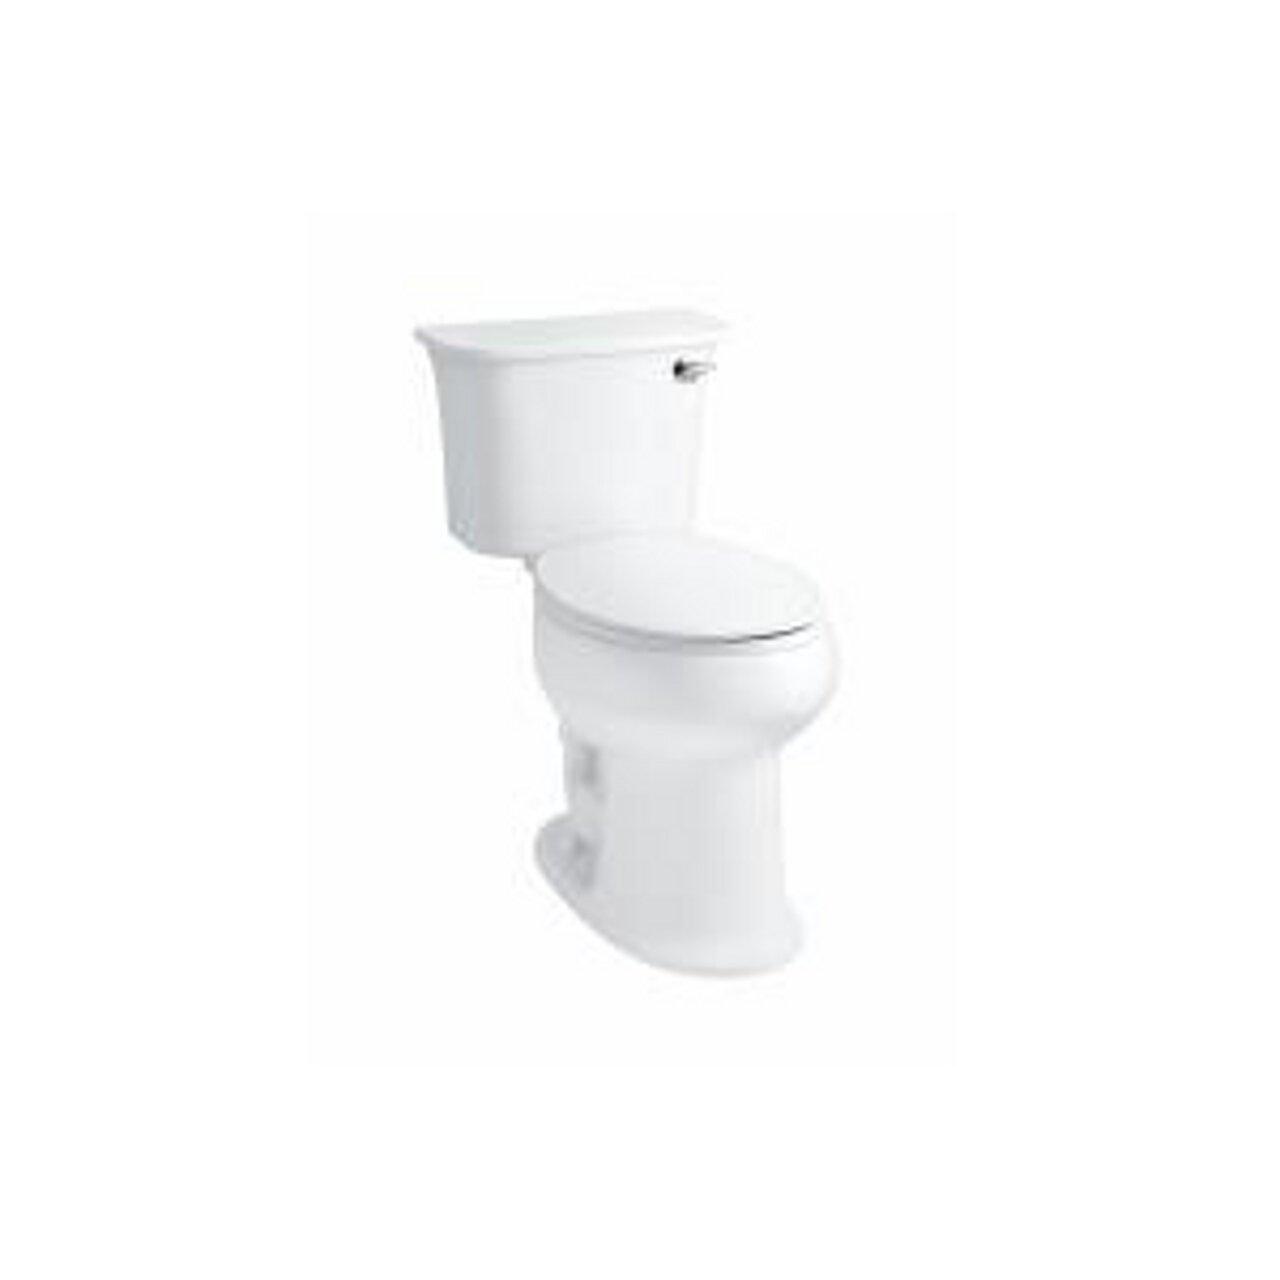 STERLING 402091-RA-0 Stinson Toilet Tank with Right Hand Flush, White KOHLER